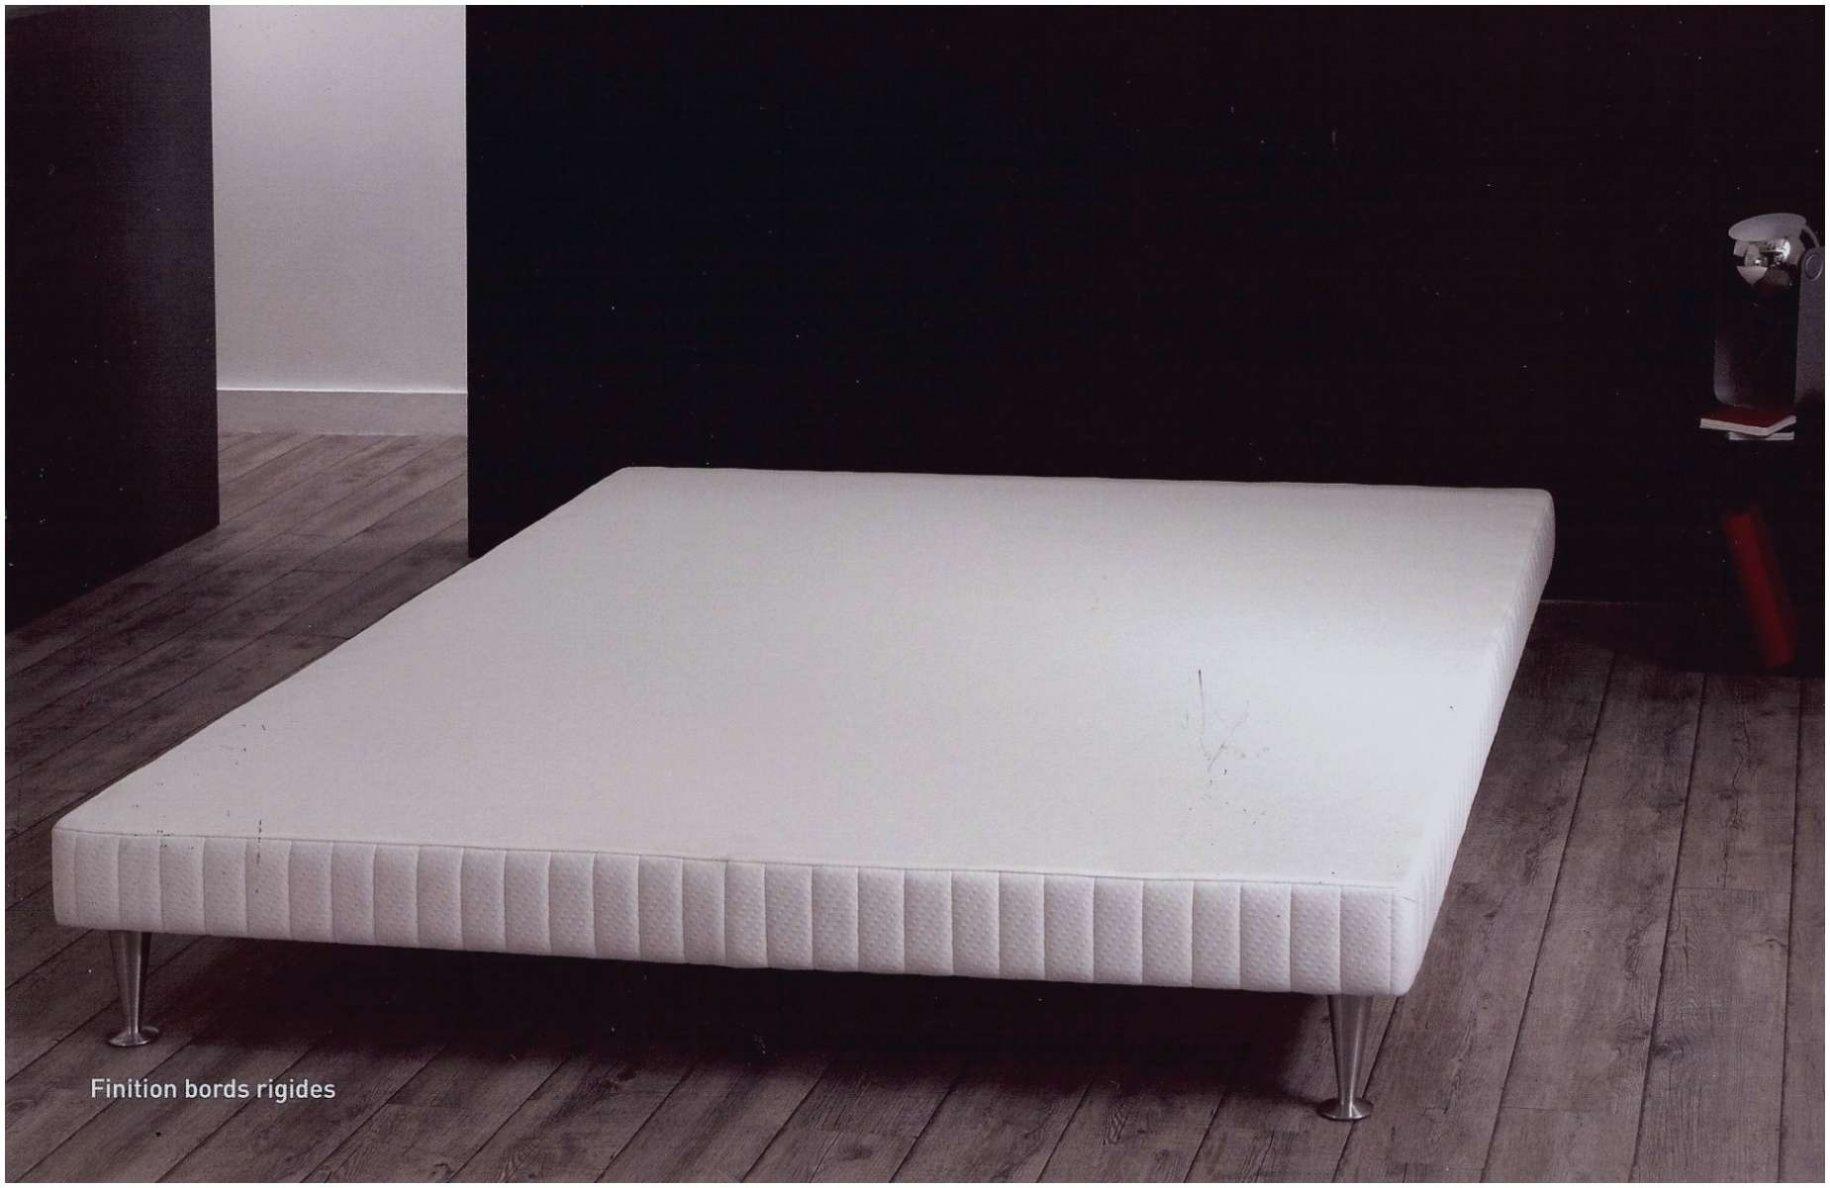 Lit Coffre Pas Cher 140×190 Génial sove Lit Coffre 140×190 Blanc — sovedis Aquatabs